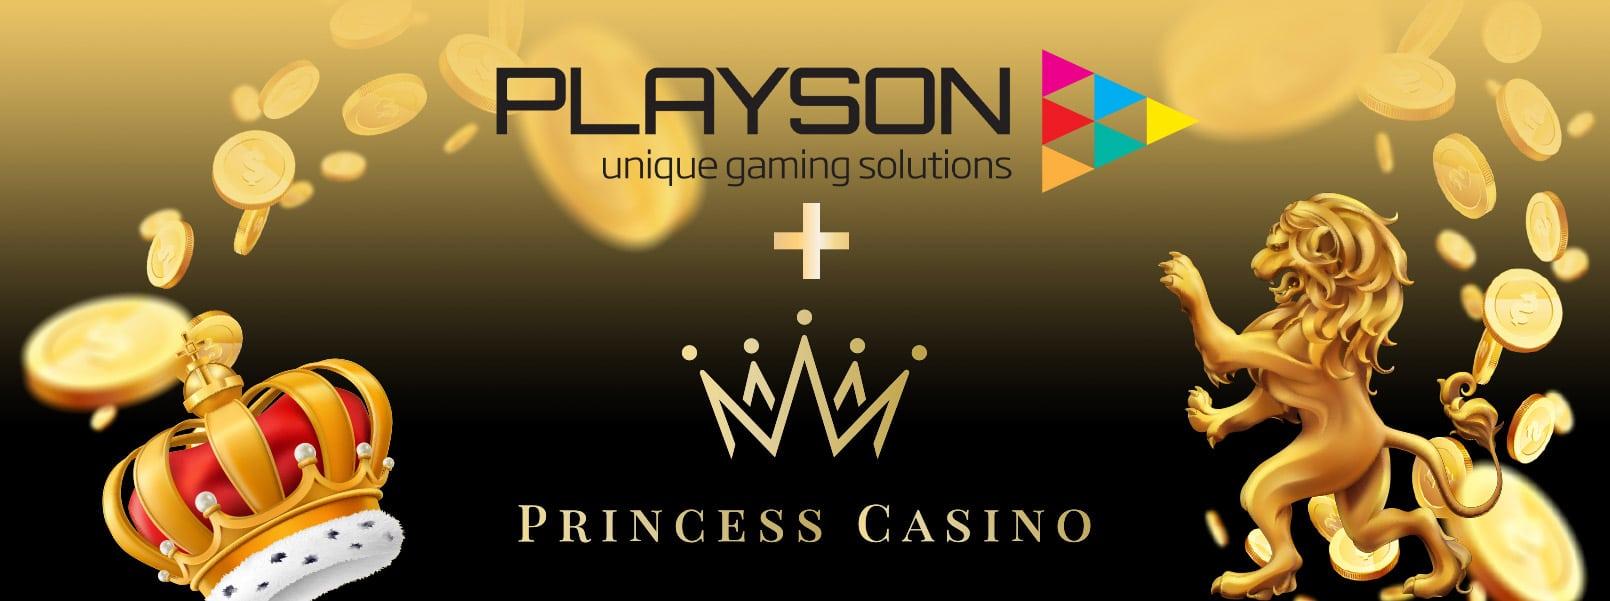 https://www.supercazino.ro/wp-content/uploads/2020/09/Noua-colaborare-intre-Playson-si-Princess-Casino.jpg